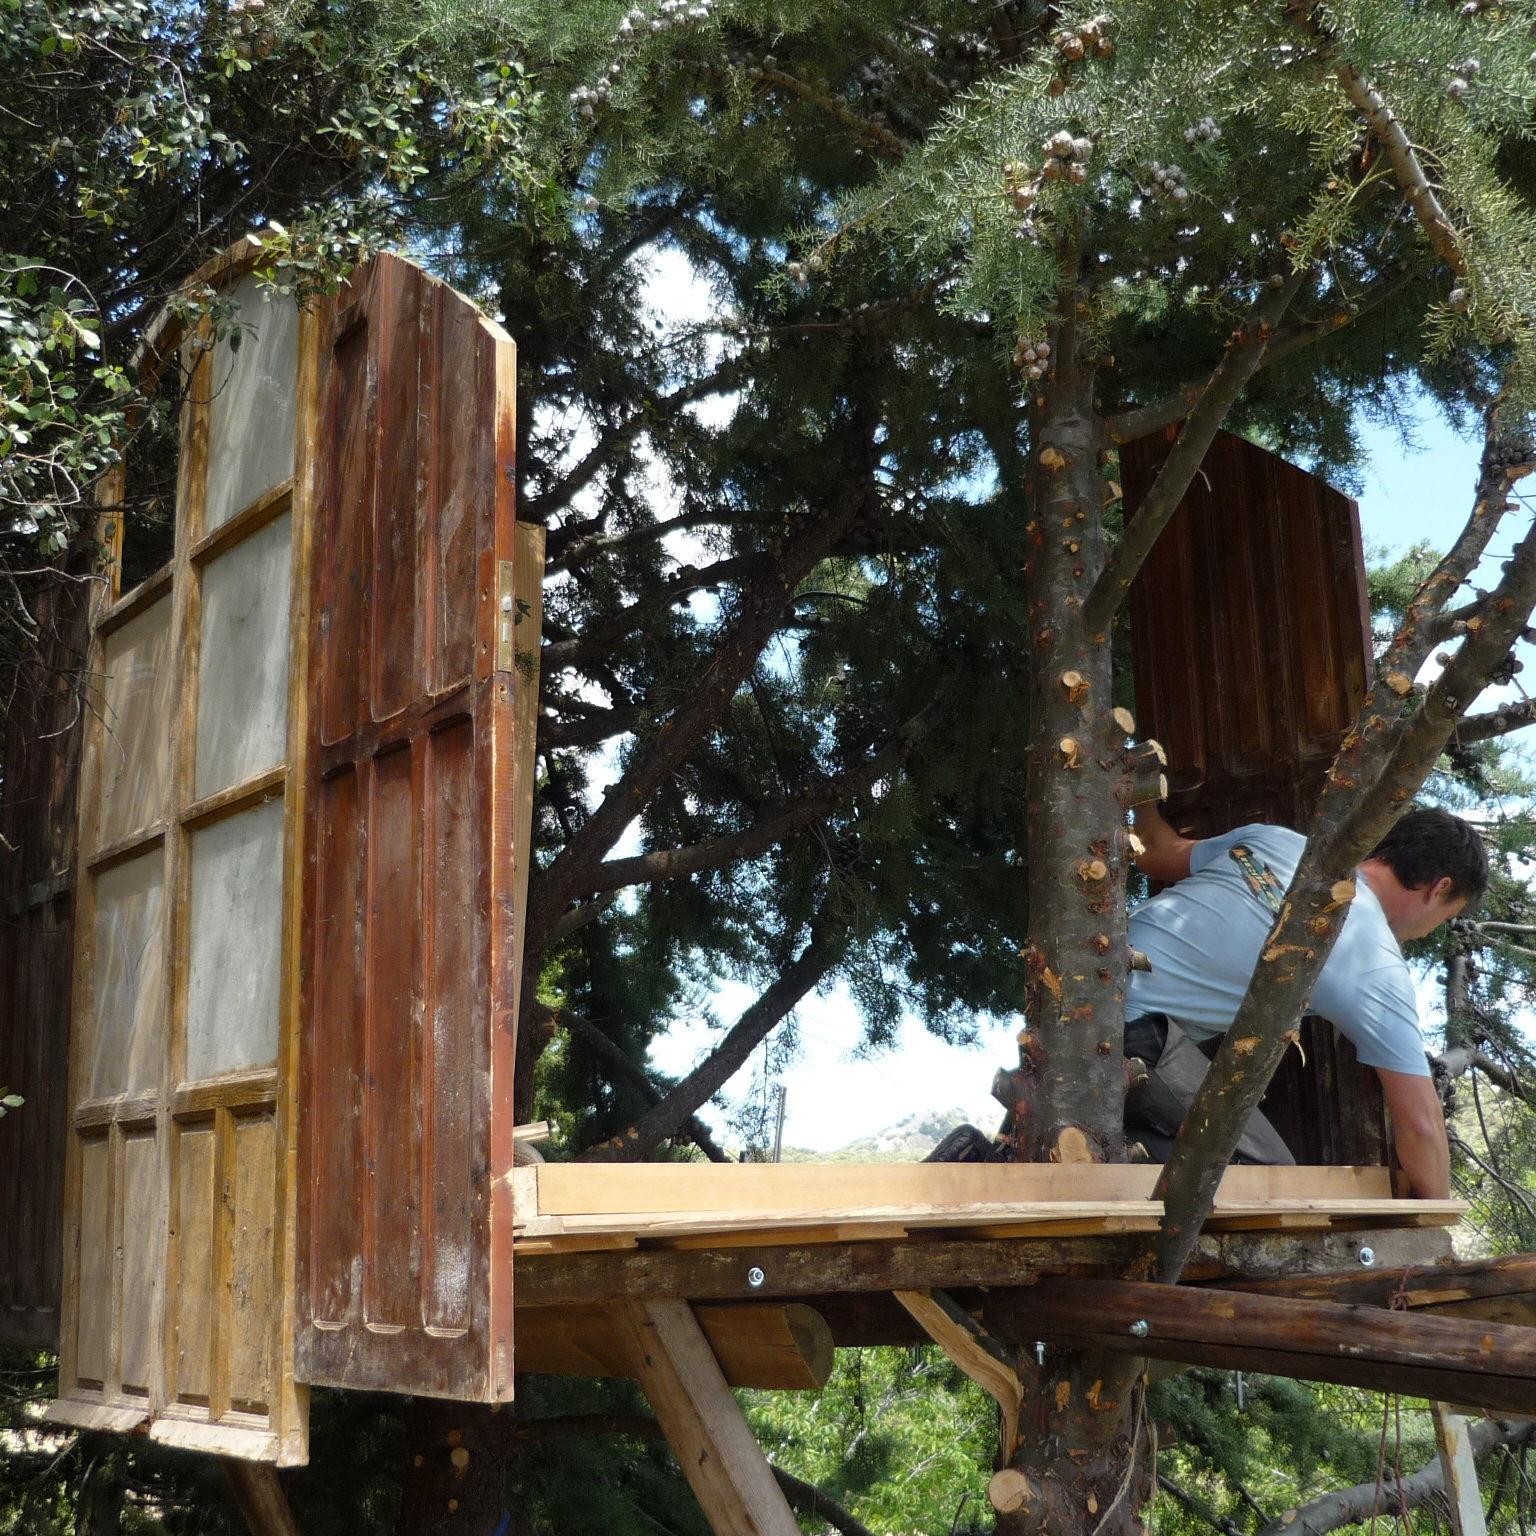 construyendo la cabaña en el arbol de campearte